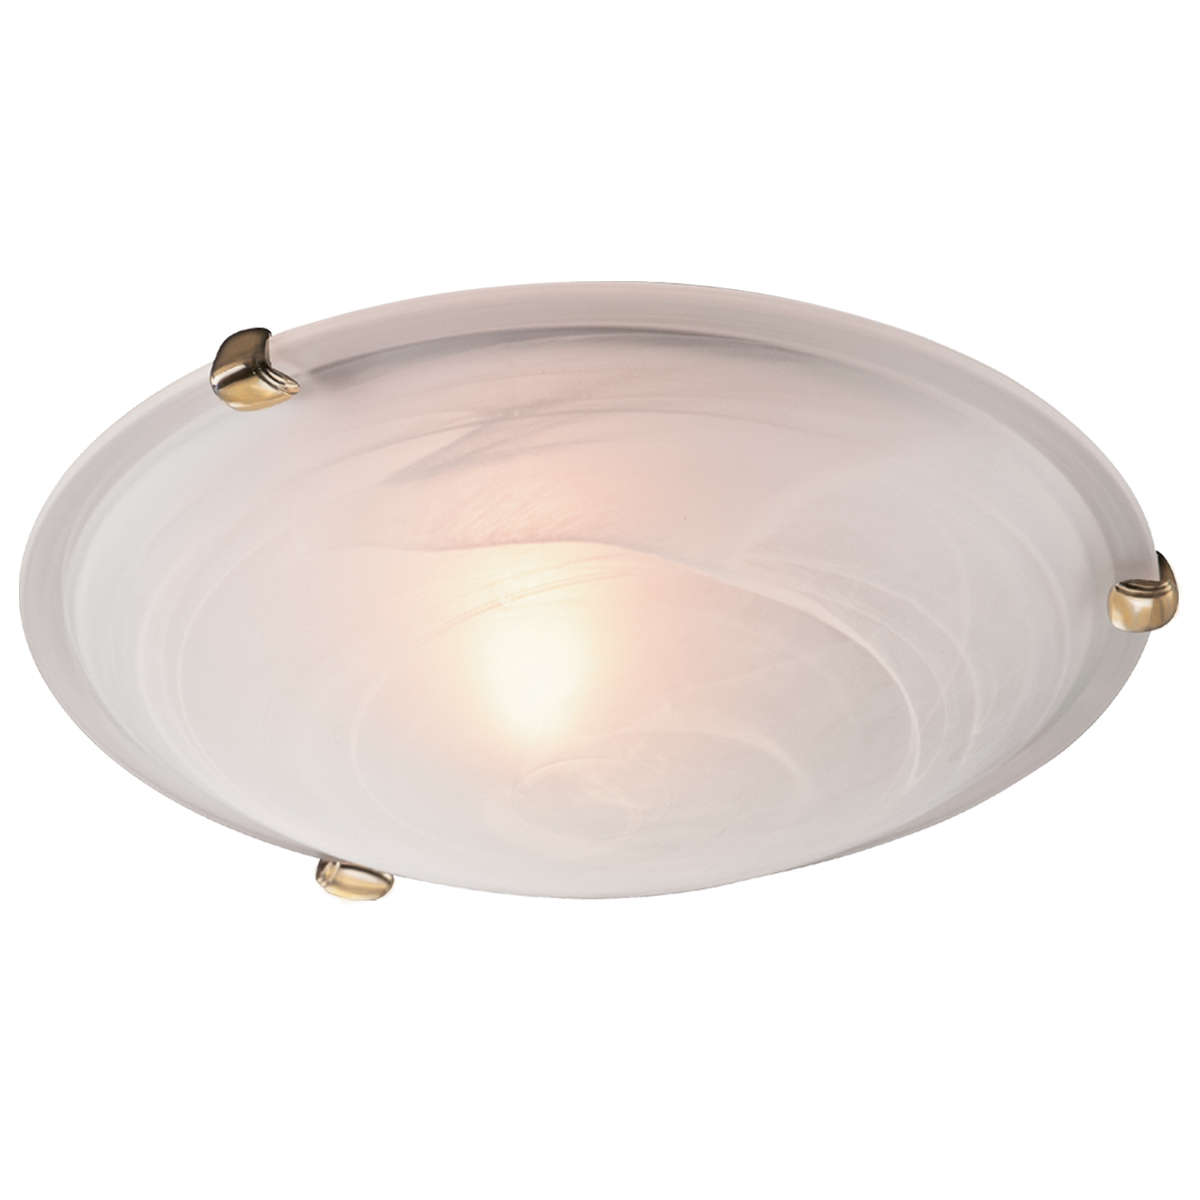 Потолочный светильник Sonex Duna 353 золото, 3xE27x100W, золото, белый, металл, стекло - фото 1